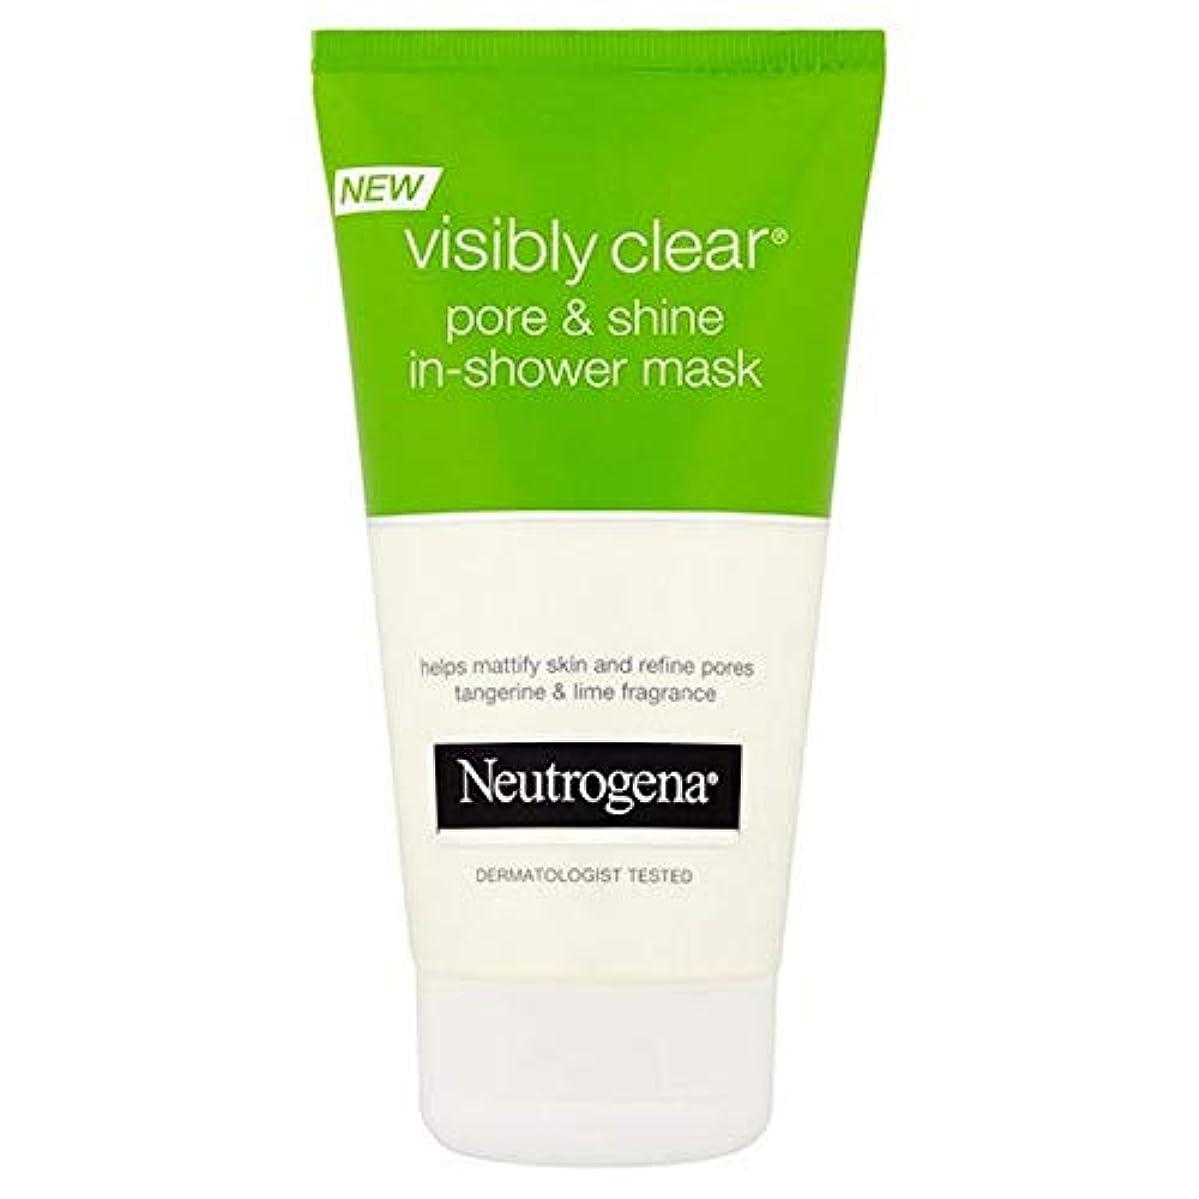 北極圏シールマウスピース[Neutrogena] シャワーマスク150ミリリットルでニュートロジーナ目に見えて明らかポア&輝き - Neutrogena Visibly Clear Pore & Shine In Shower Mask 150ml...